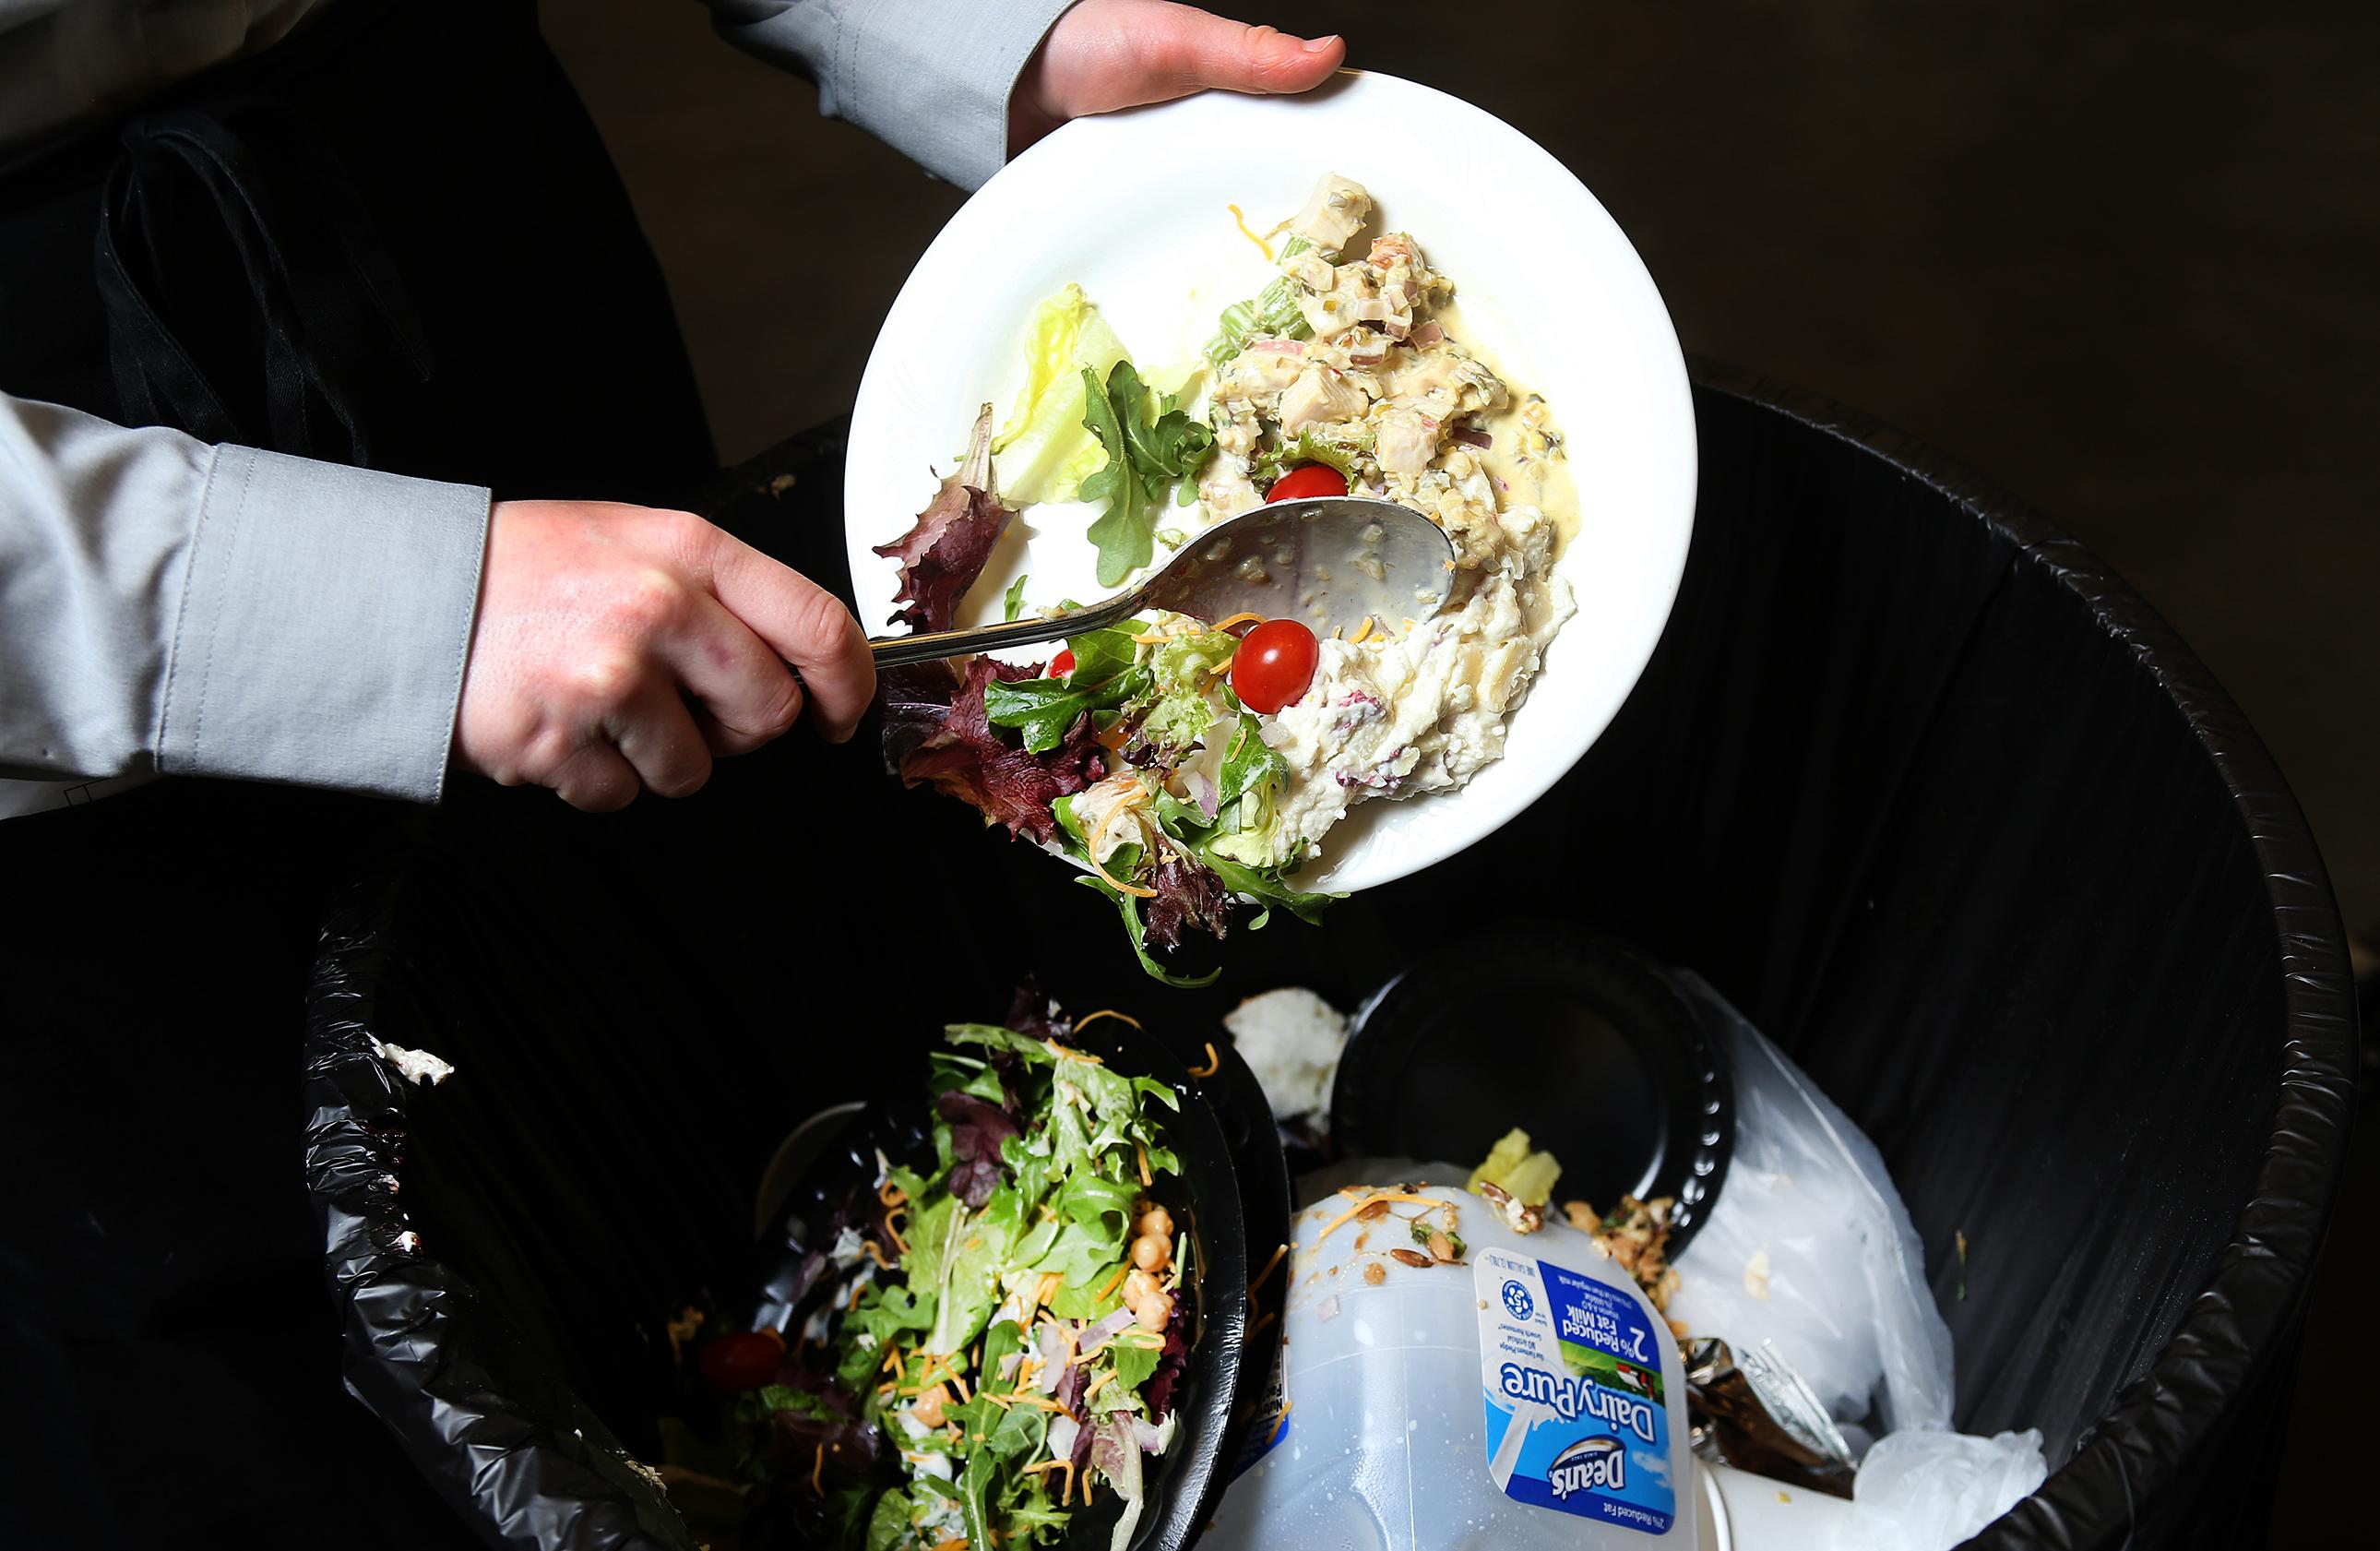 Yılda 214 milyar TL'lik gıda çöpe atıyoruz